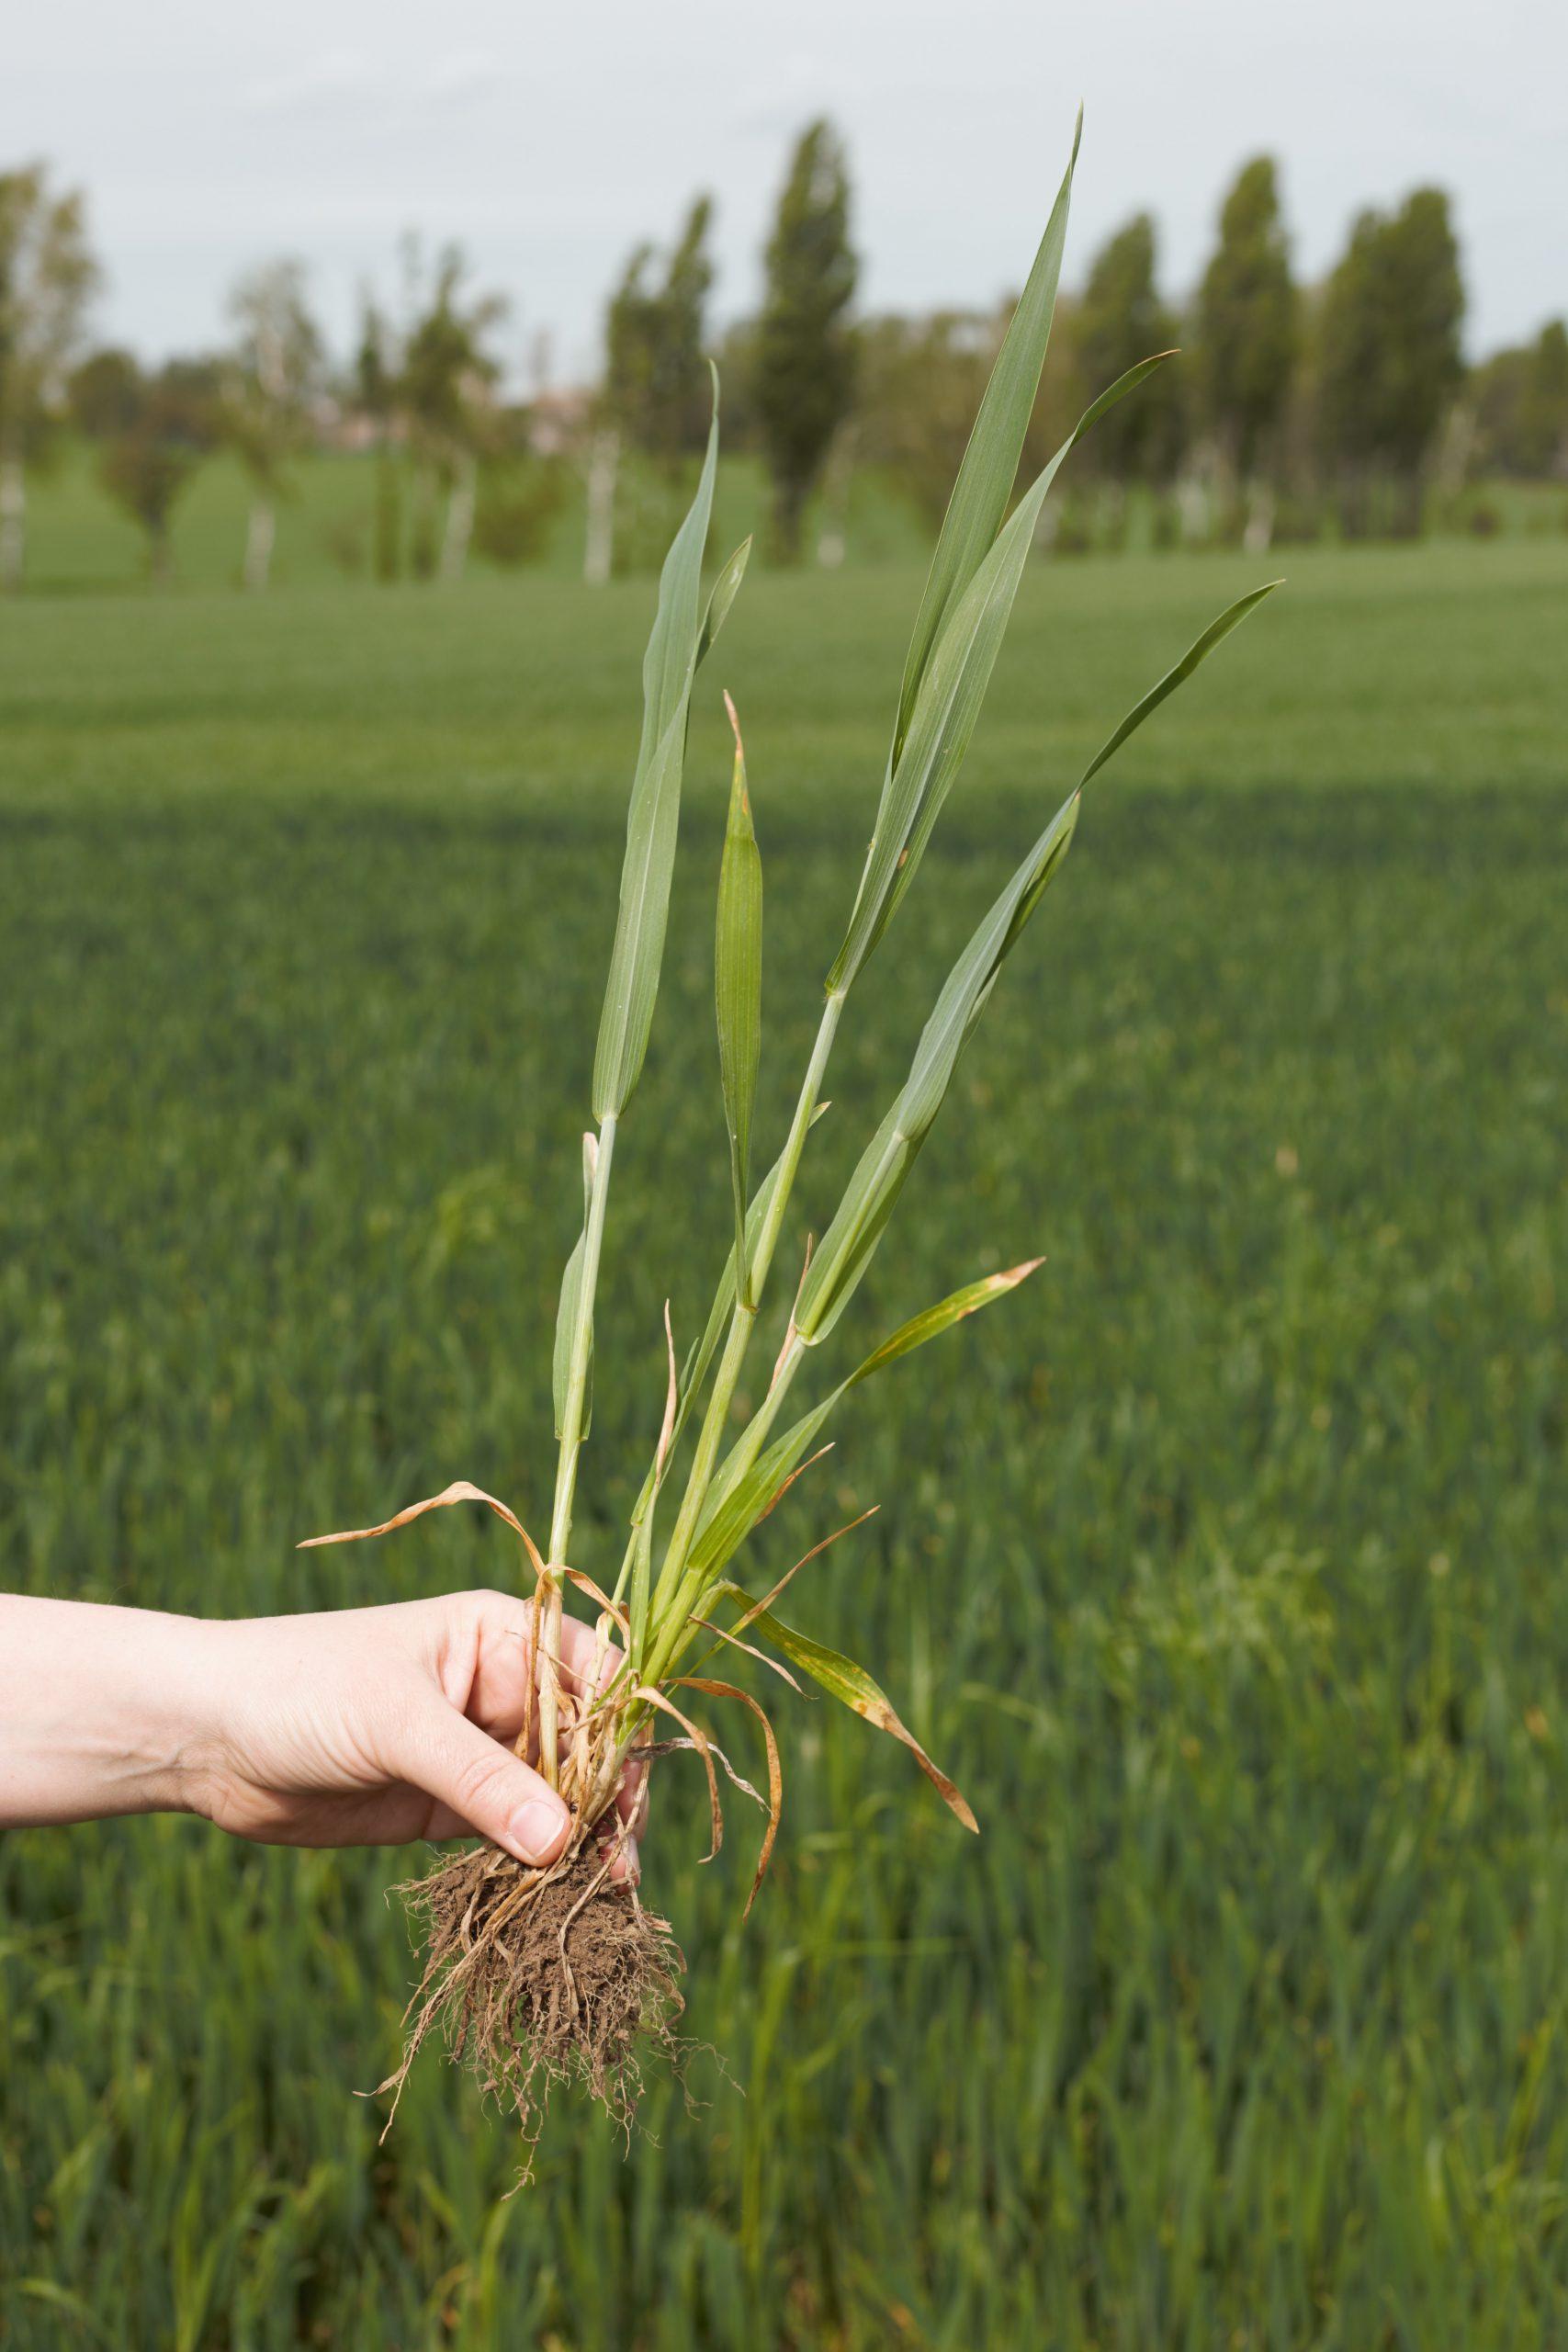 Die Getreidepflanze ist größer, als sie auf den ersten Blick wirkt. Diese ist gerade in der Schossphase.